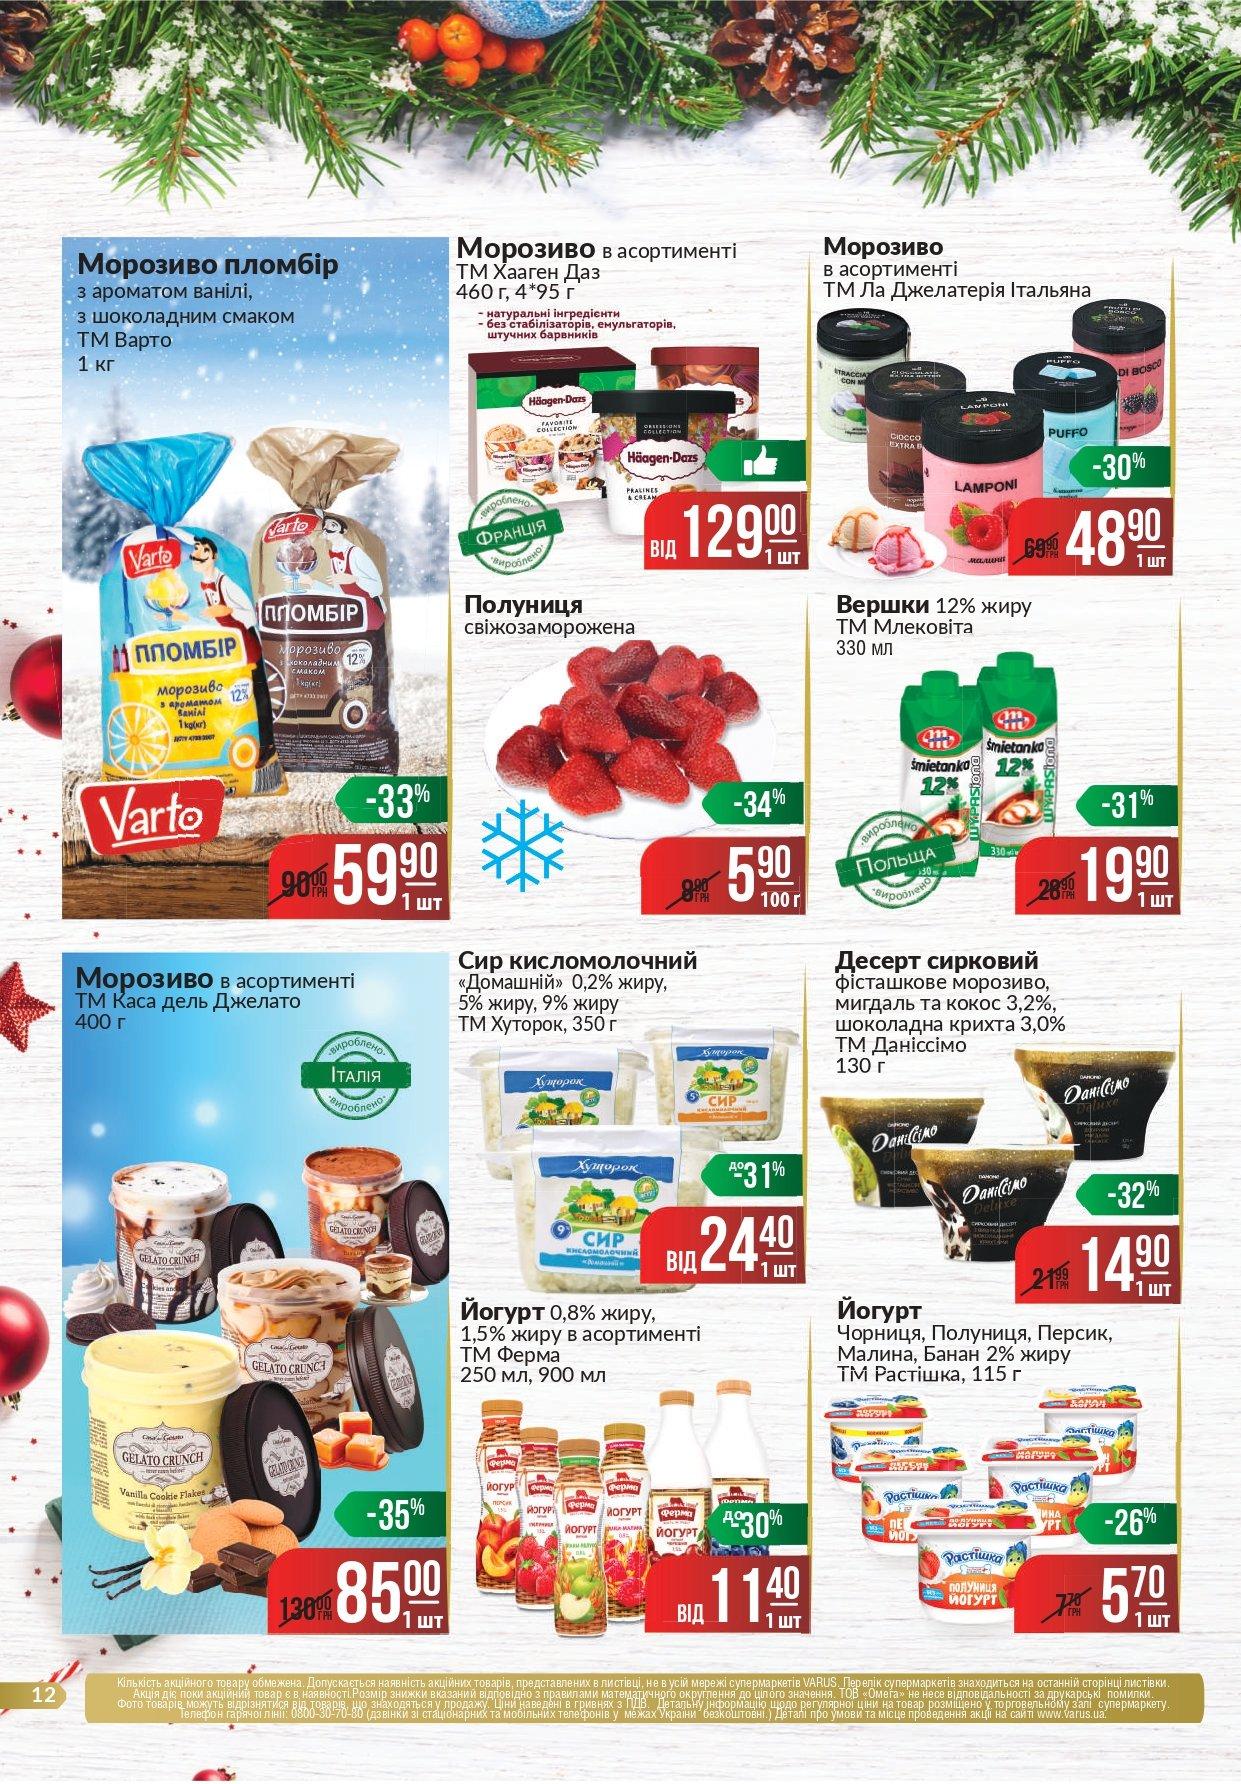 Делаем покупки к Новому Году: какие акции действуют в супермаркетах Днепра, - ЦЕНЫ, фото-41